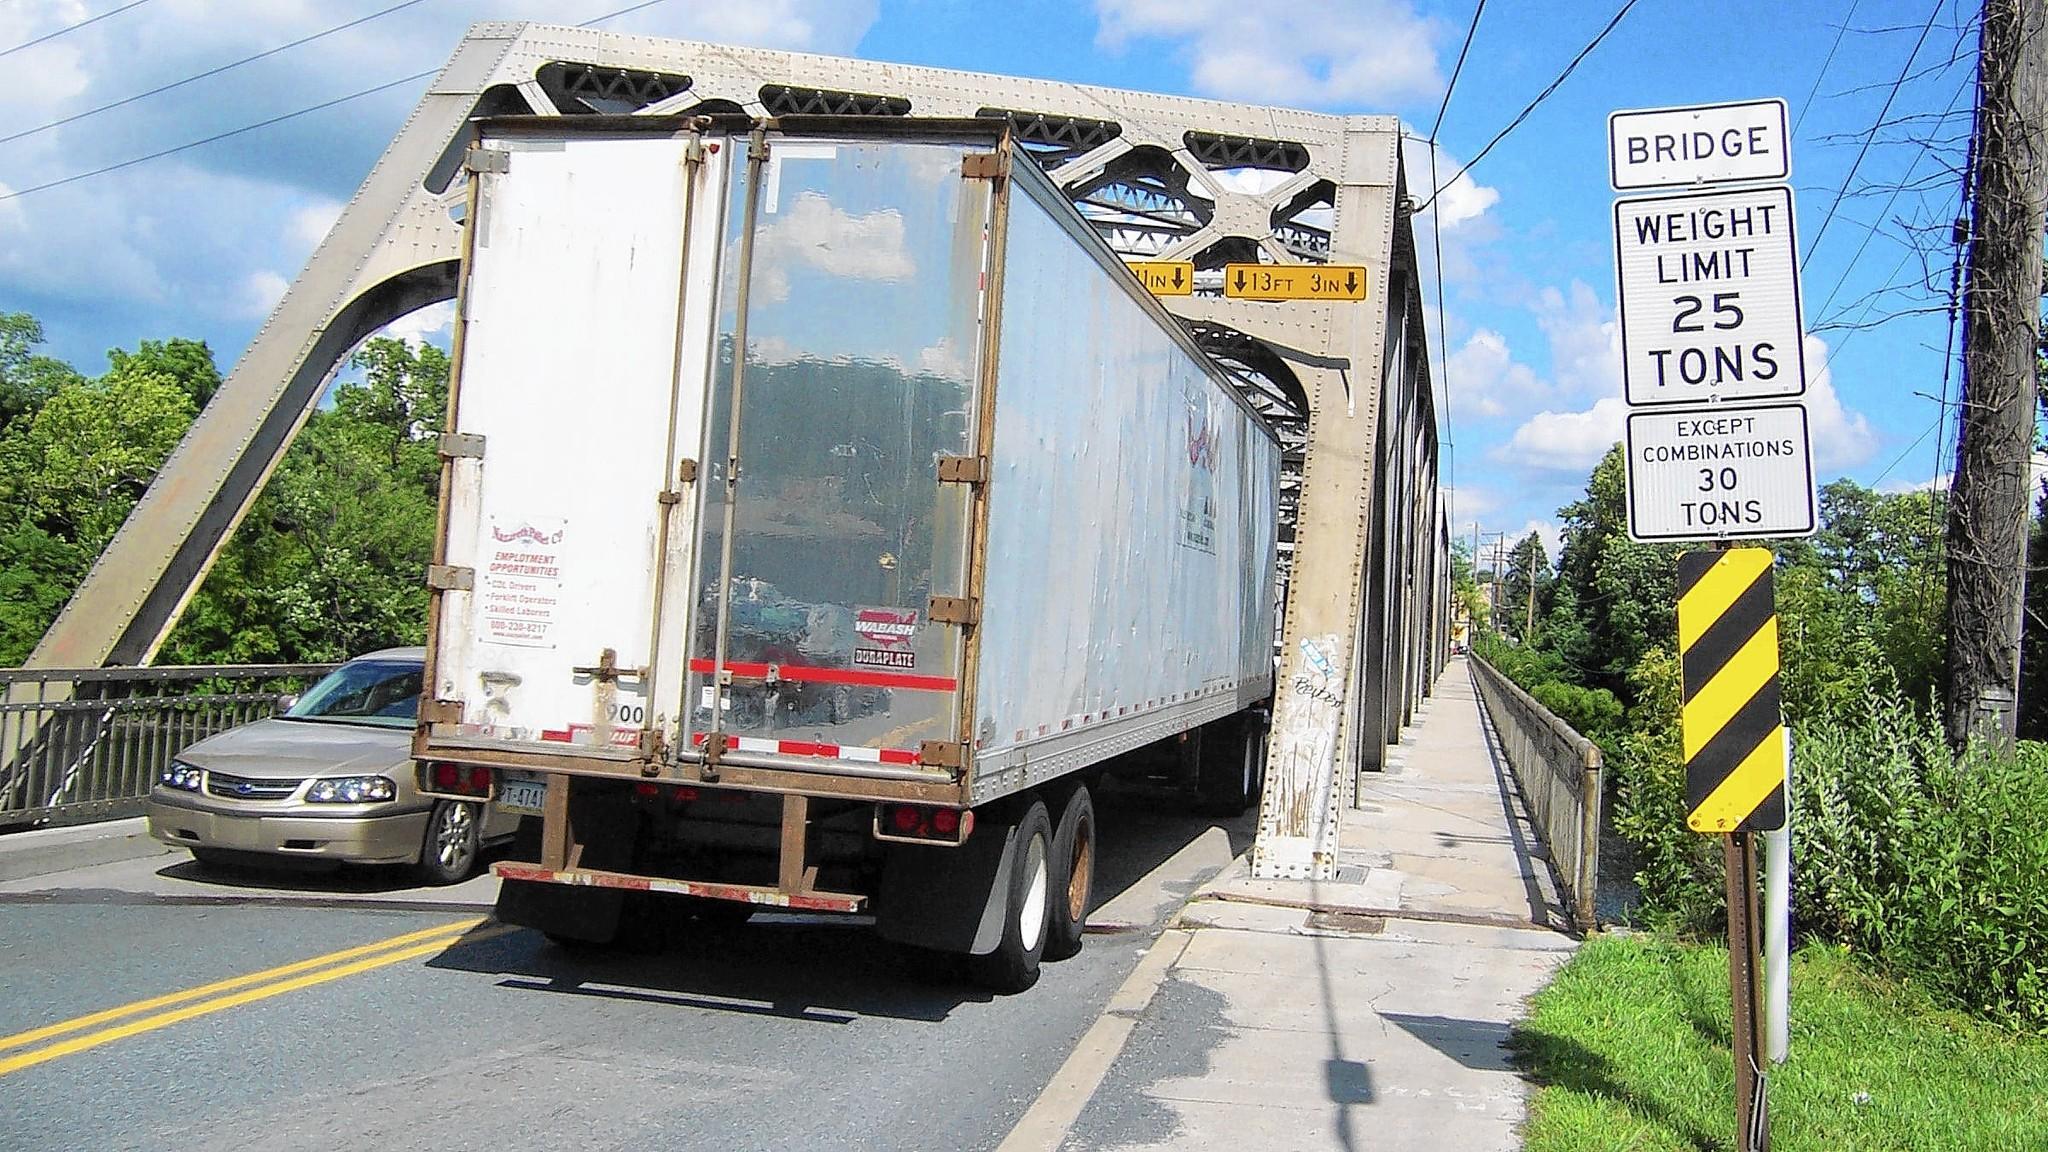 Recomendacione de Work Group para trailers que cruzan puentes